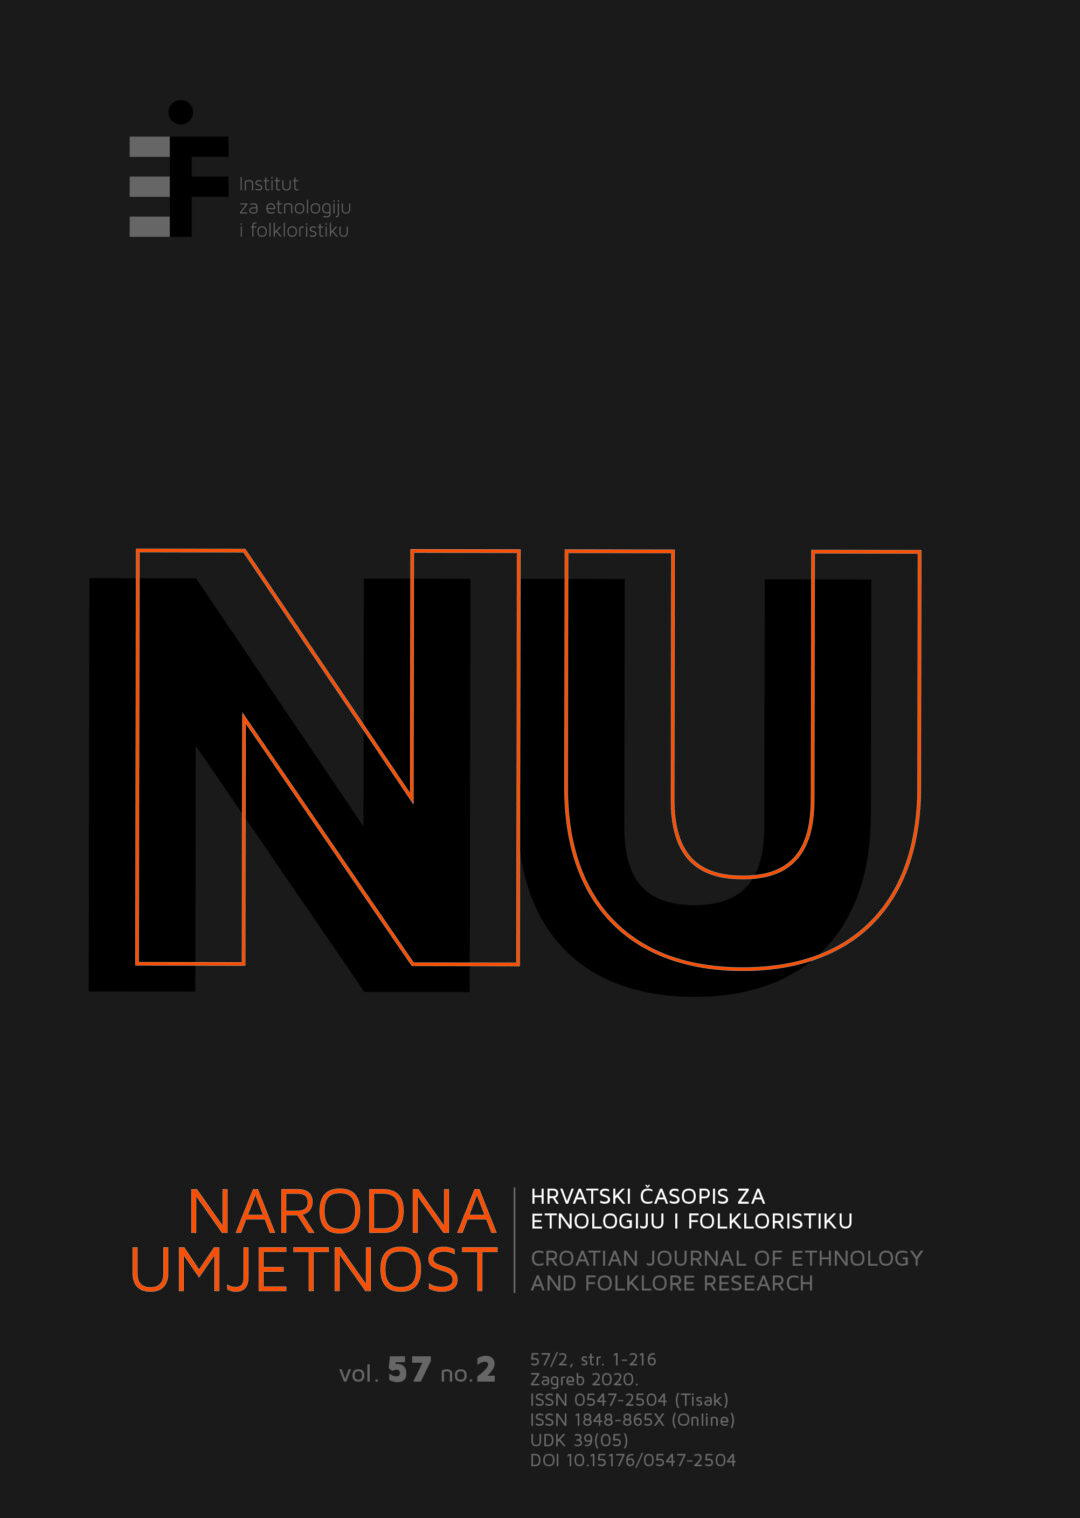 Narodna umjetnost vol. 57 br. 2